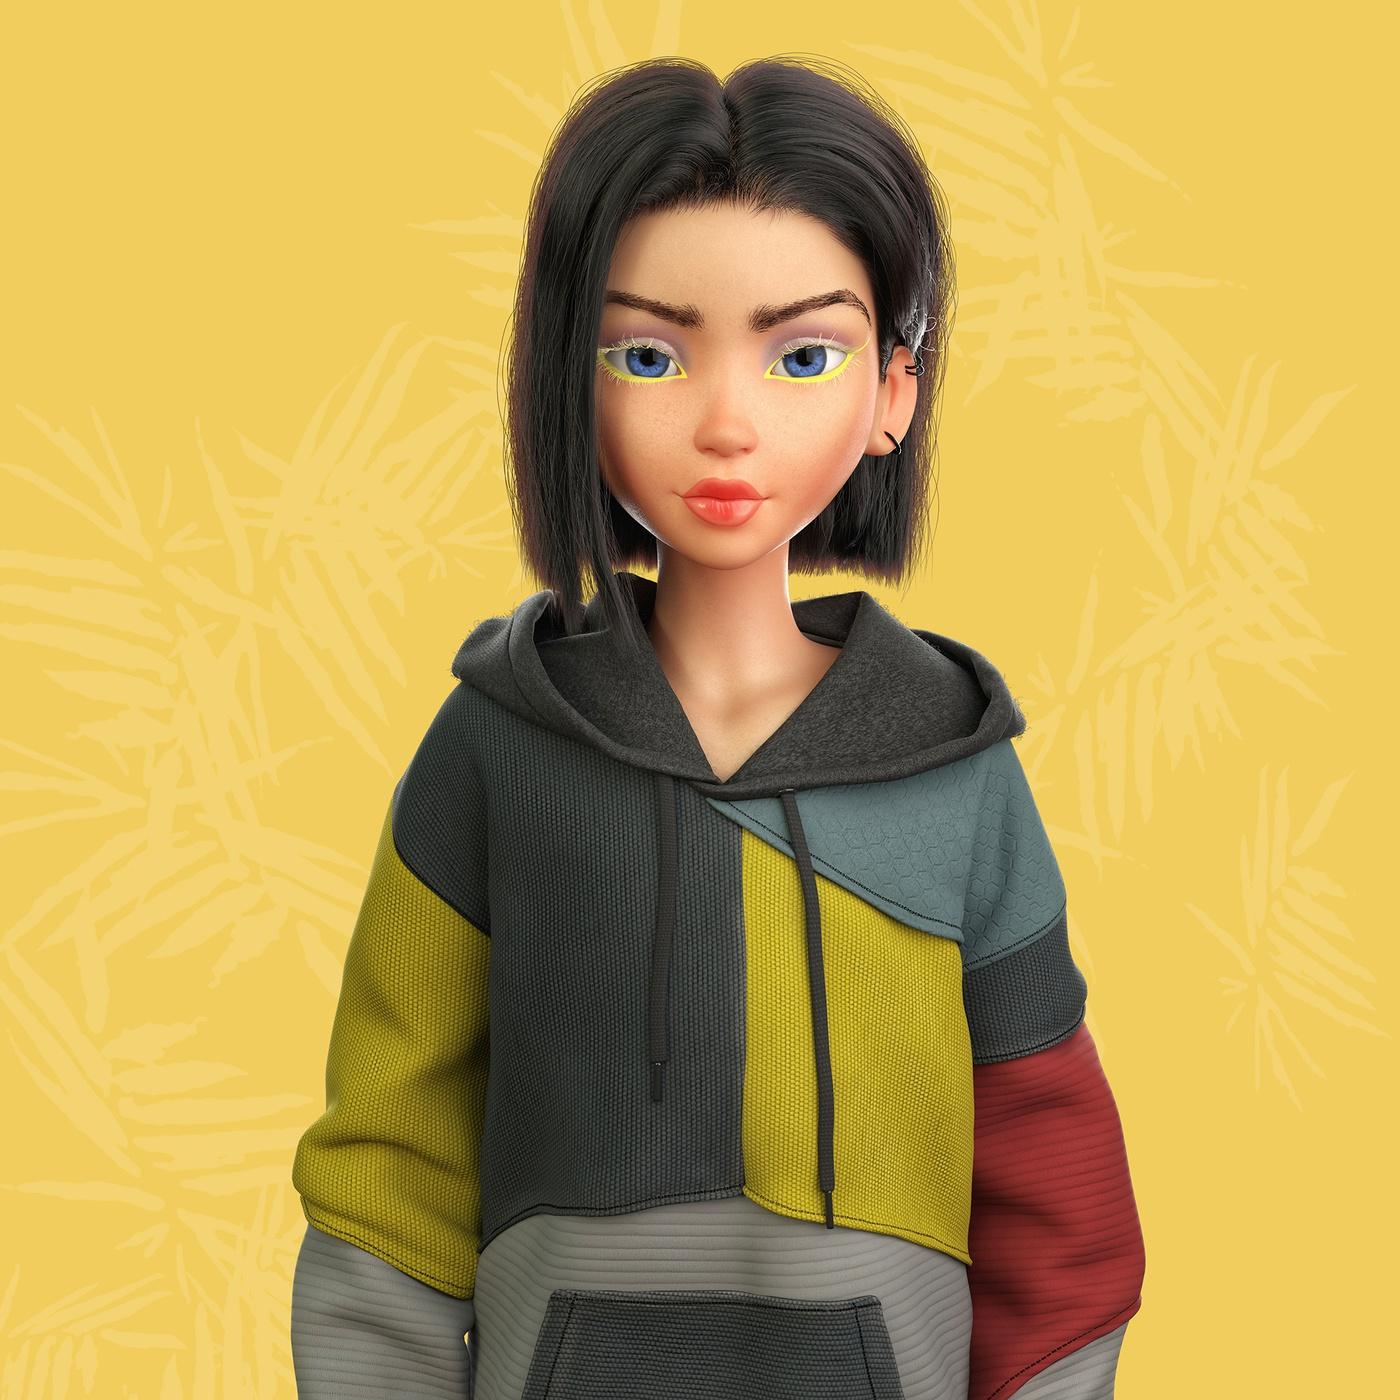 3d character art model design render girl brunette